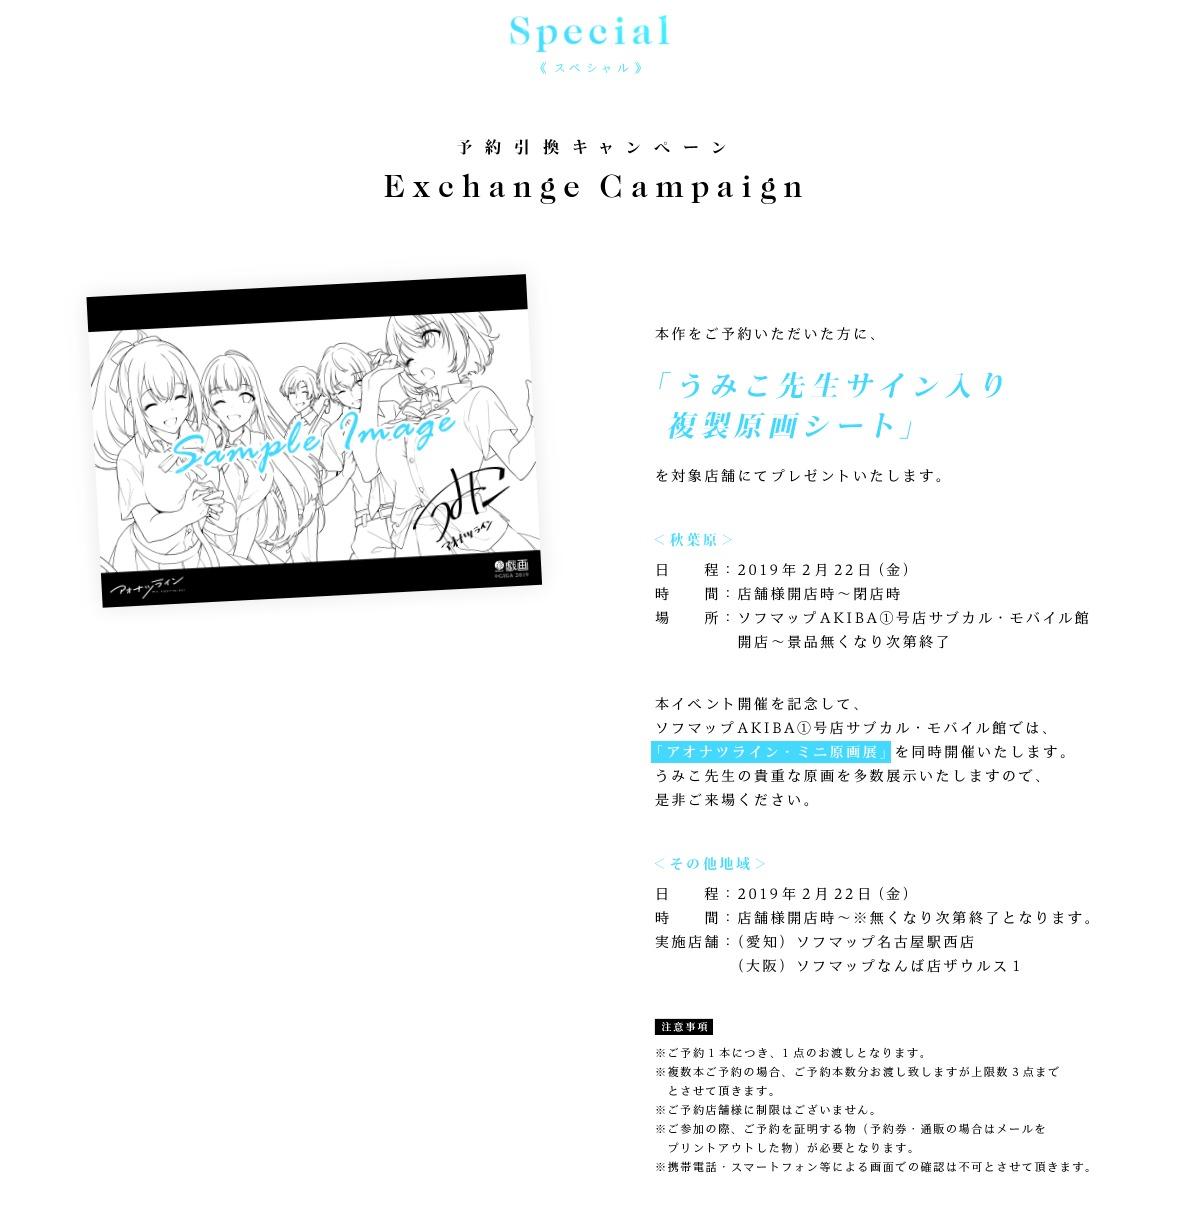 予約引換キャンペーン Special アオナツライン Official Website 戯画